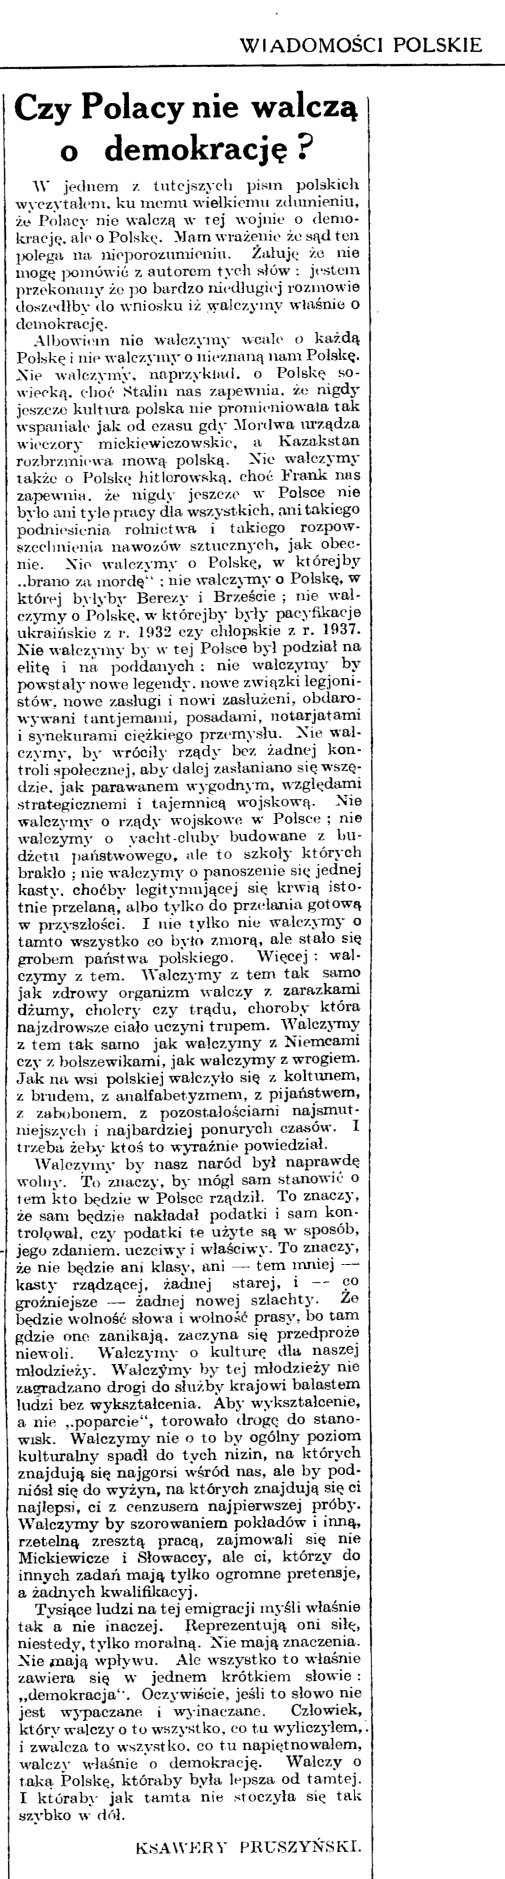 pruszynski_wiadomoscipolskie1941_21